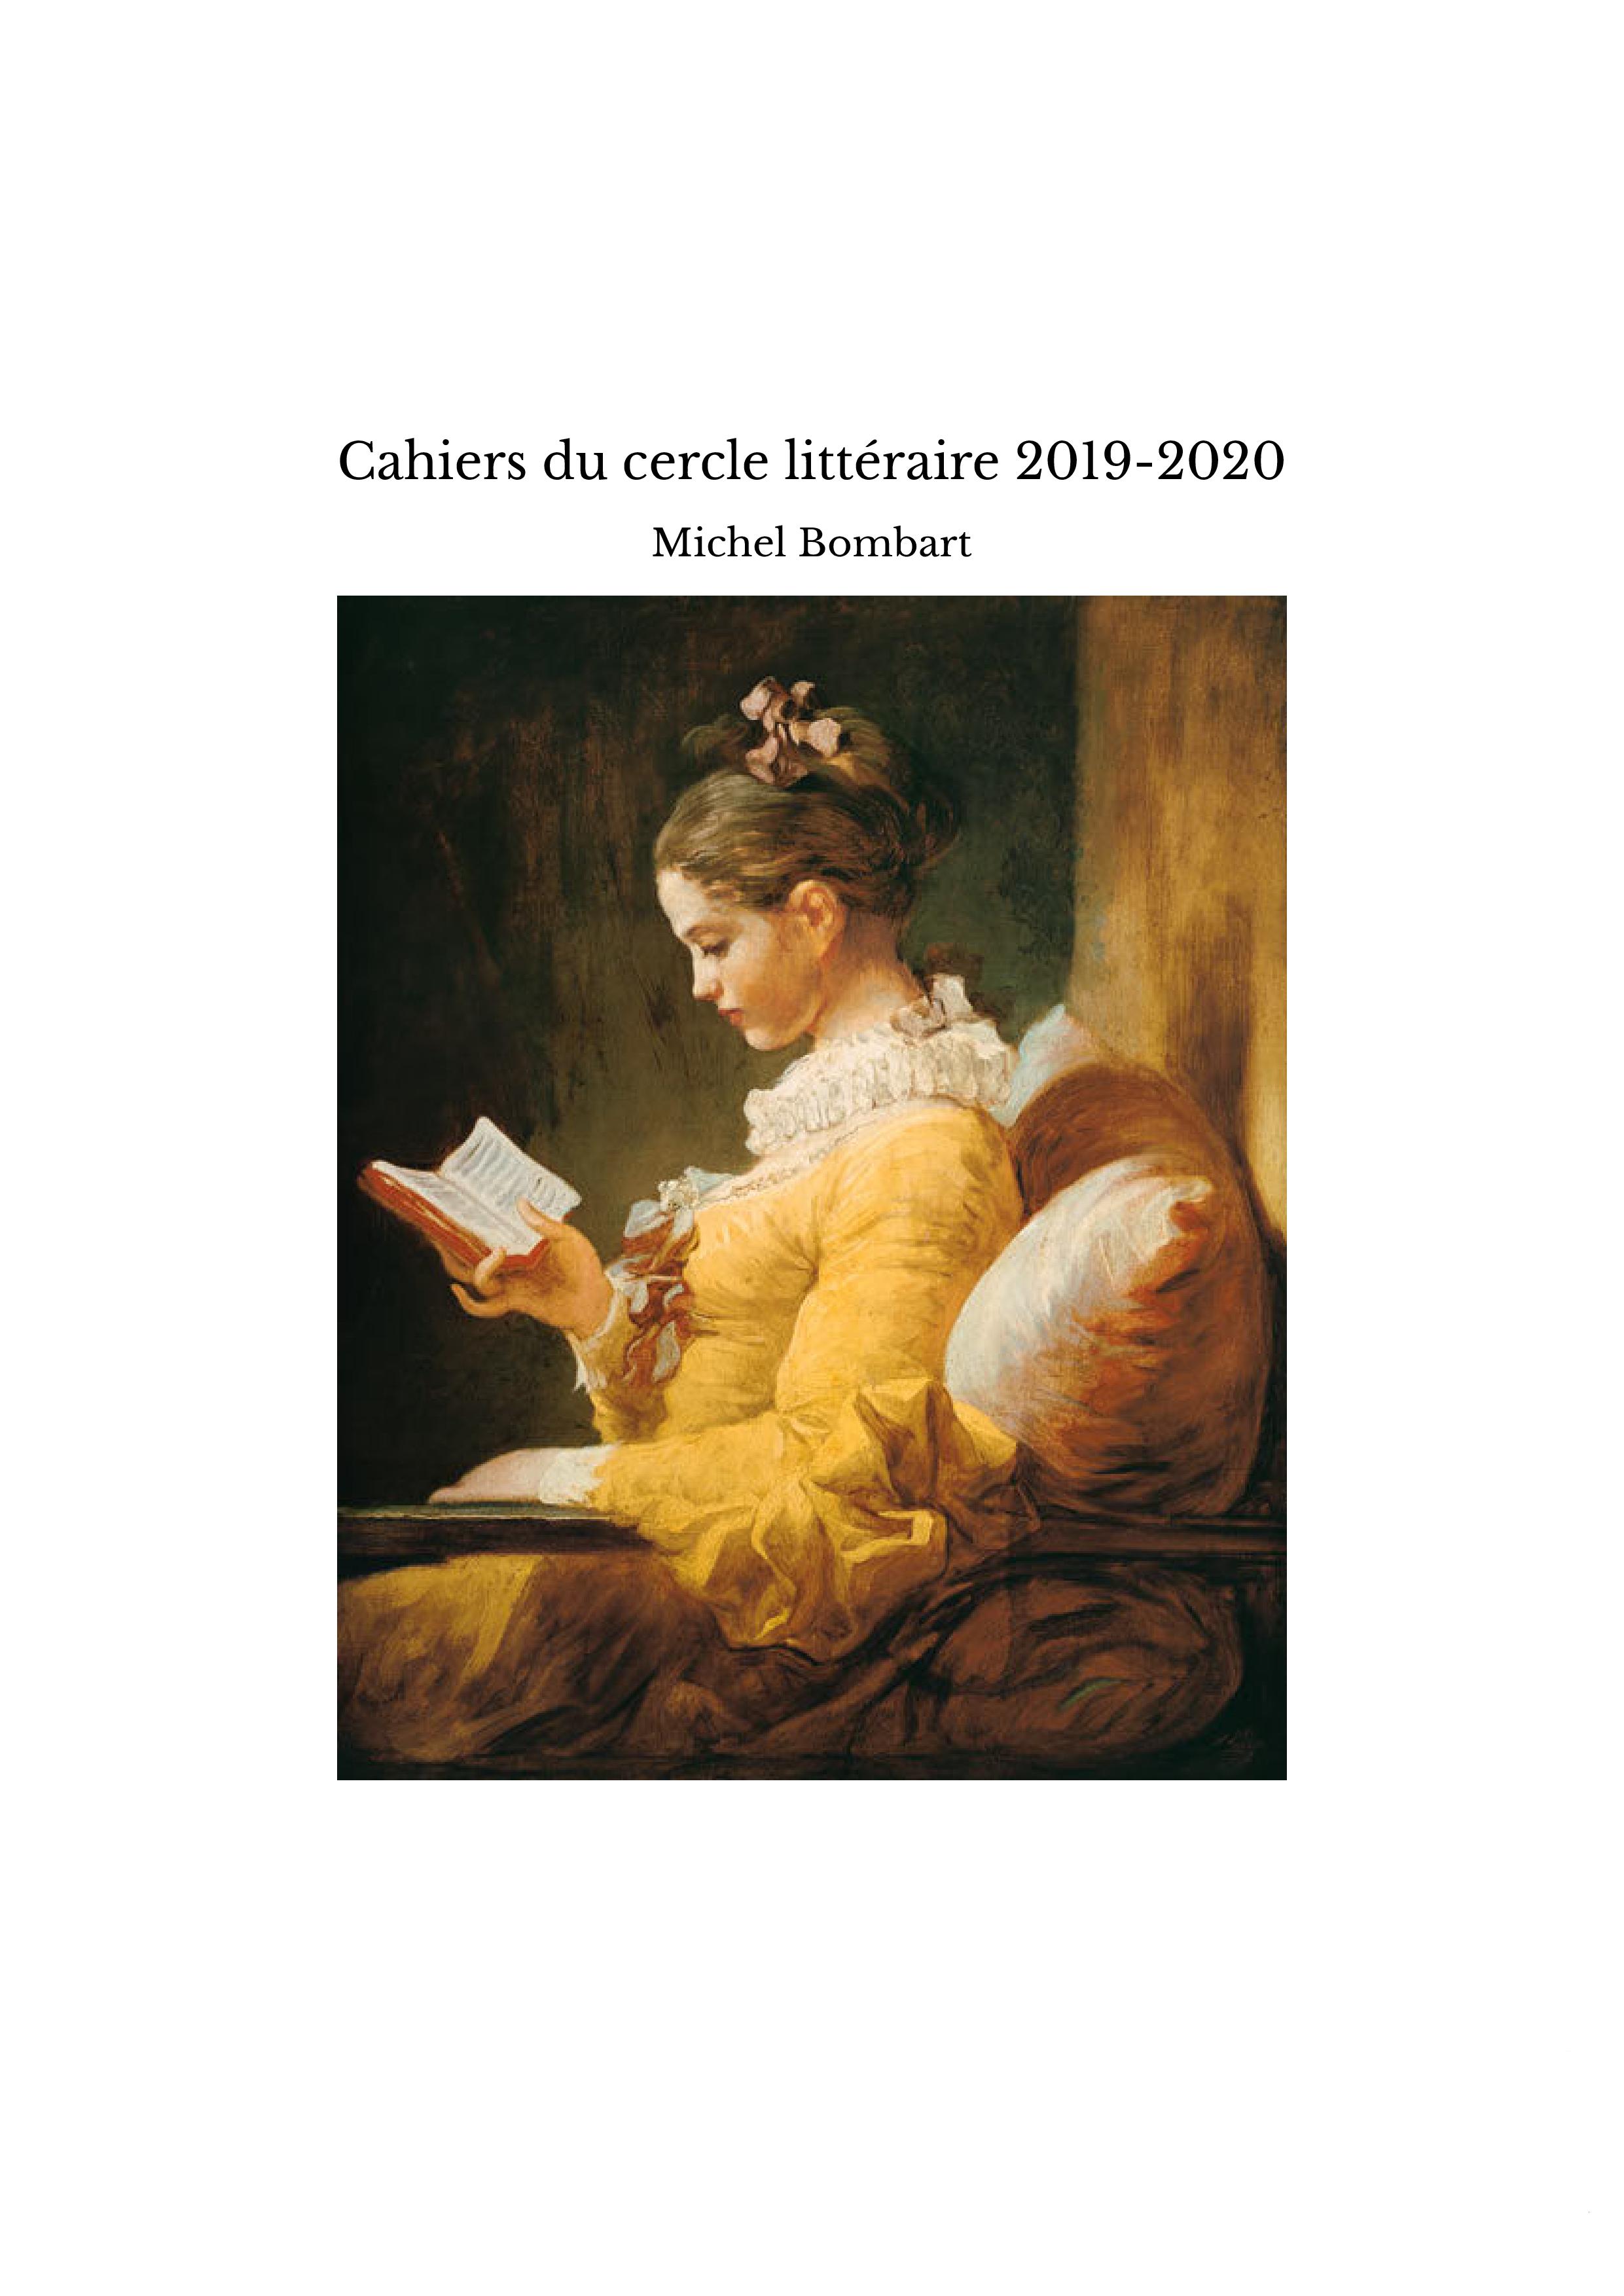 Cahiers du cercle littéraire 2019-2020